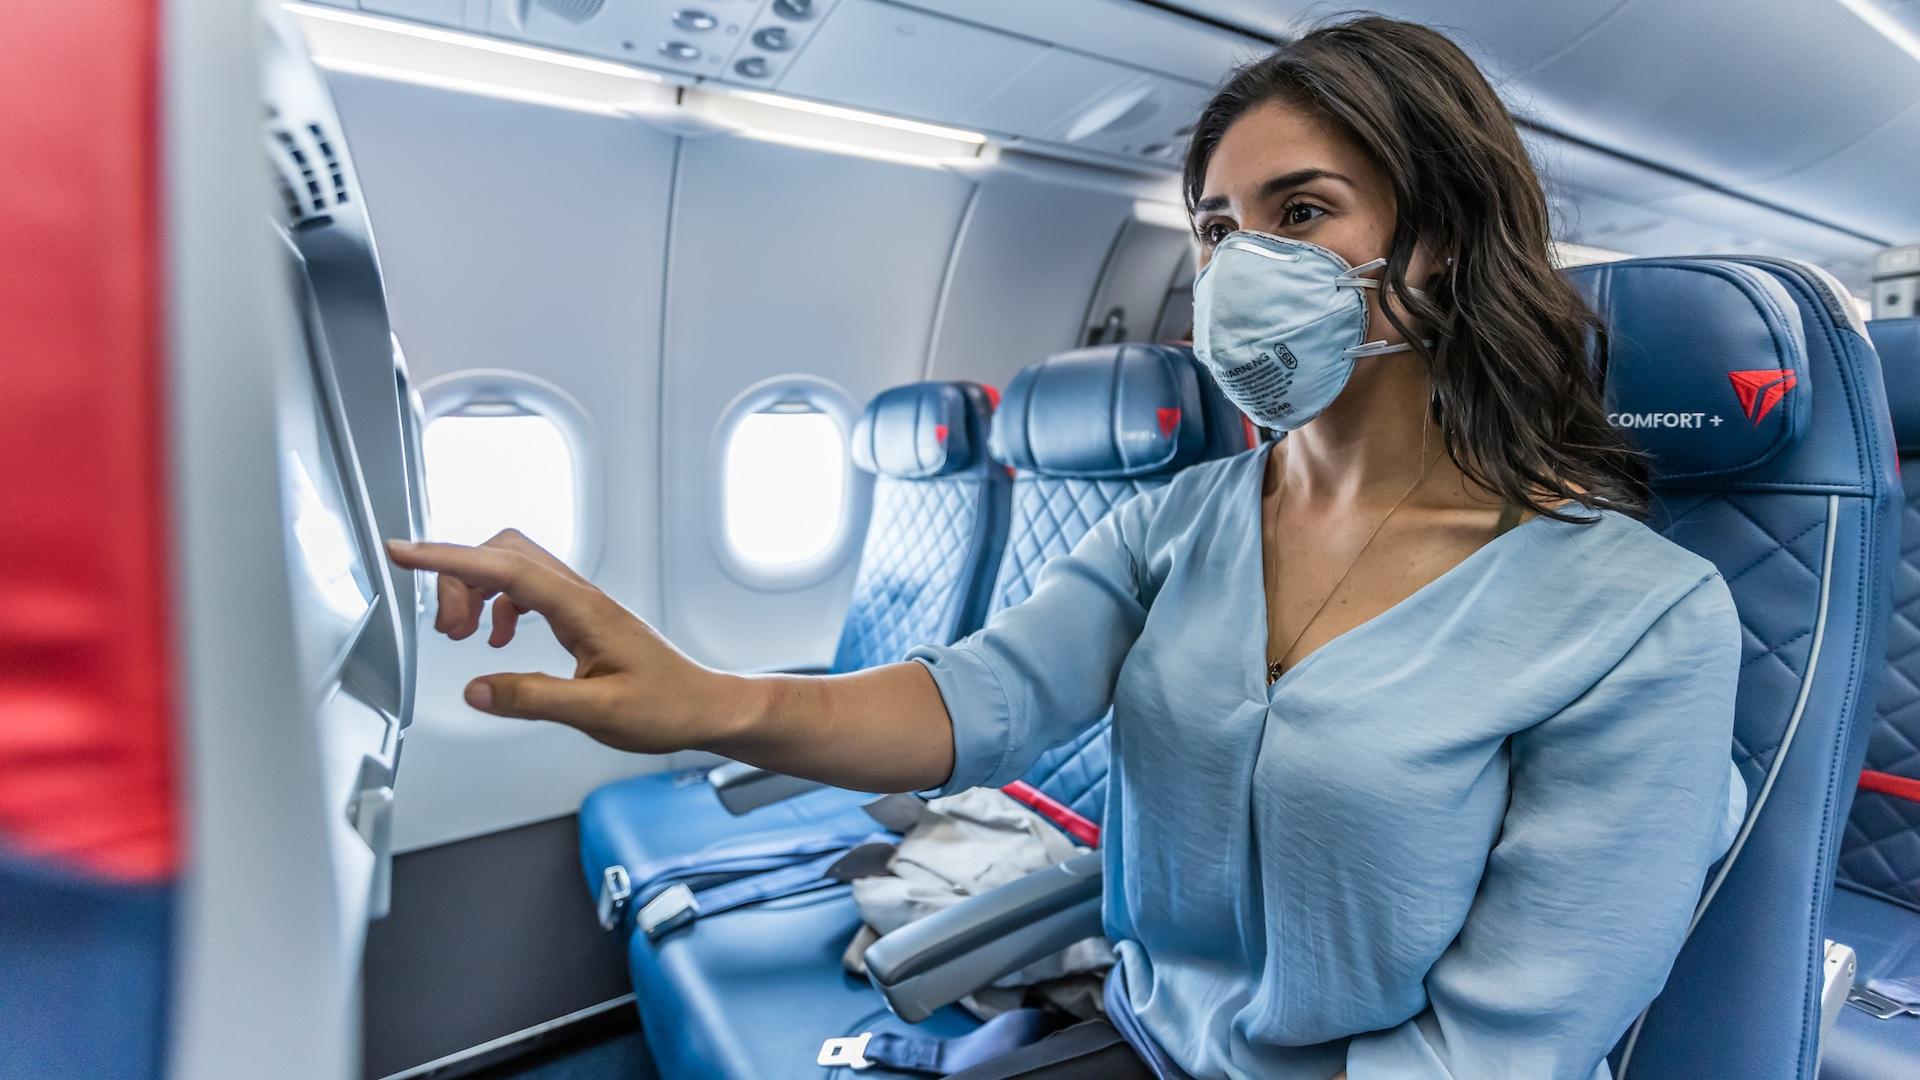 Qué llevar en el avión para viajar durante el coronavirus — Conocedores.com